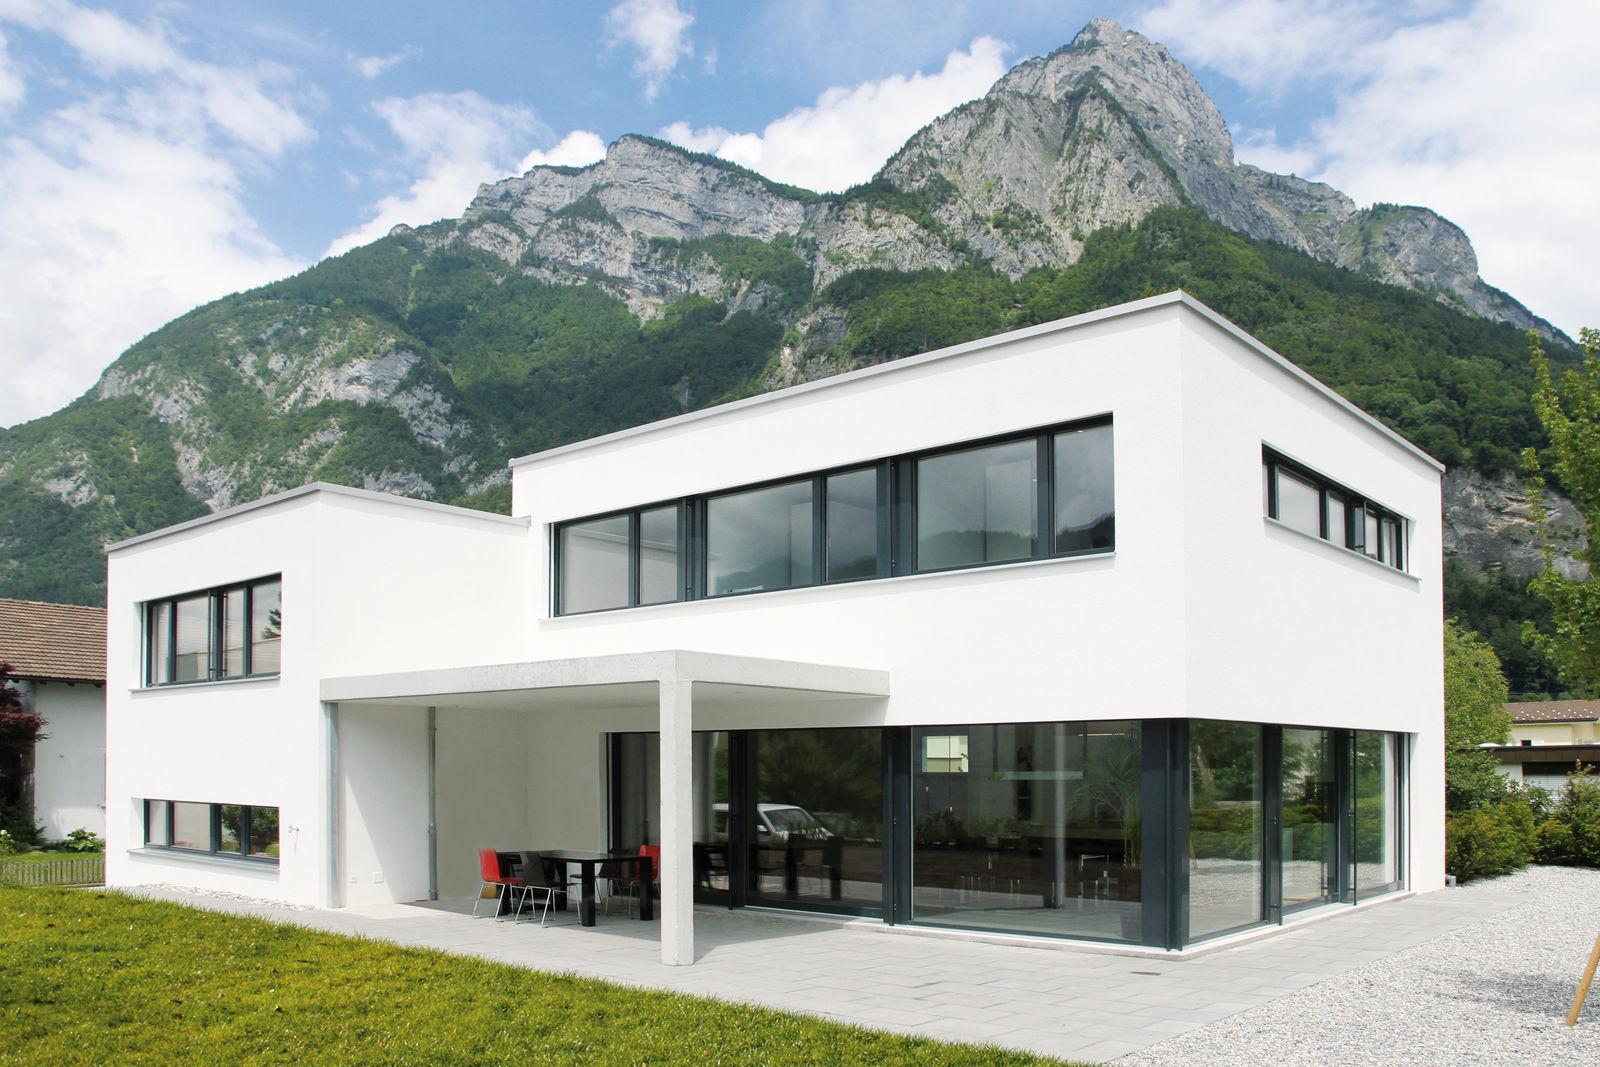 Les maîtres d'ouvrage ont construit la maison de leurs rêves au style architectural contemporain, composé de deux étages et d'un sous-sol.